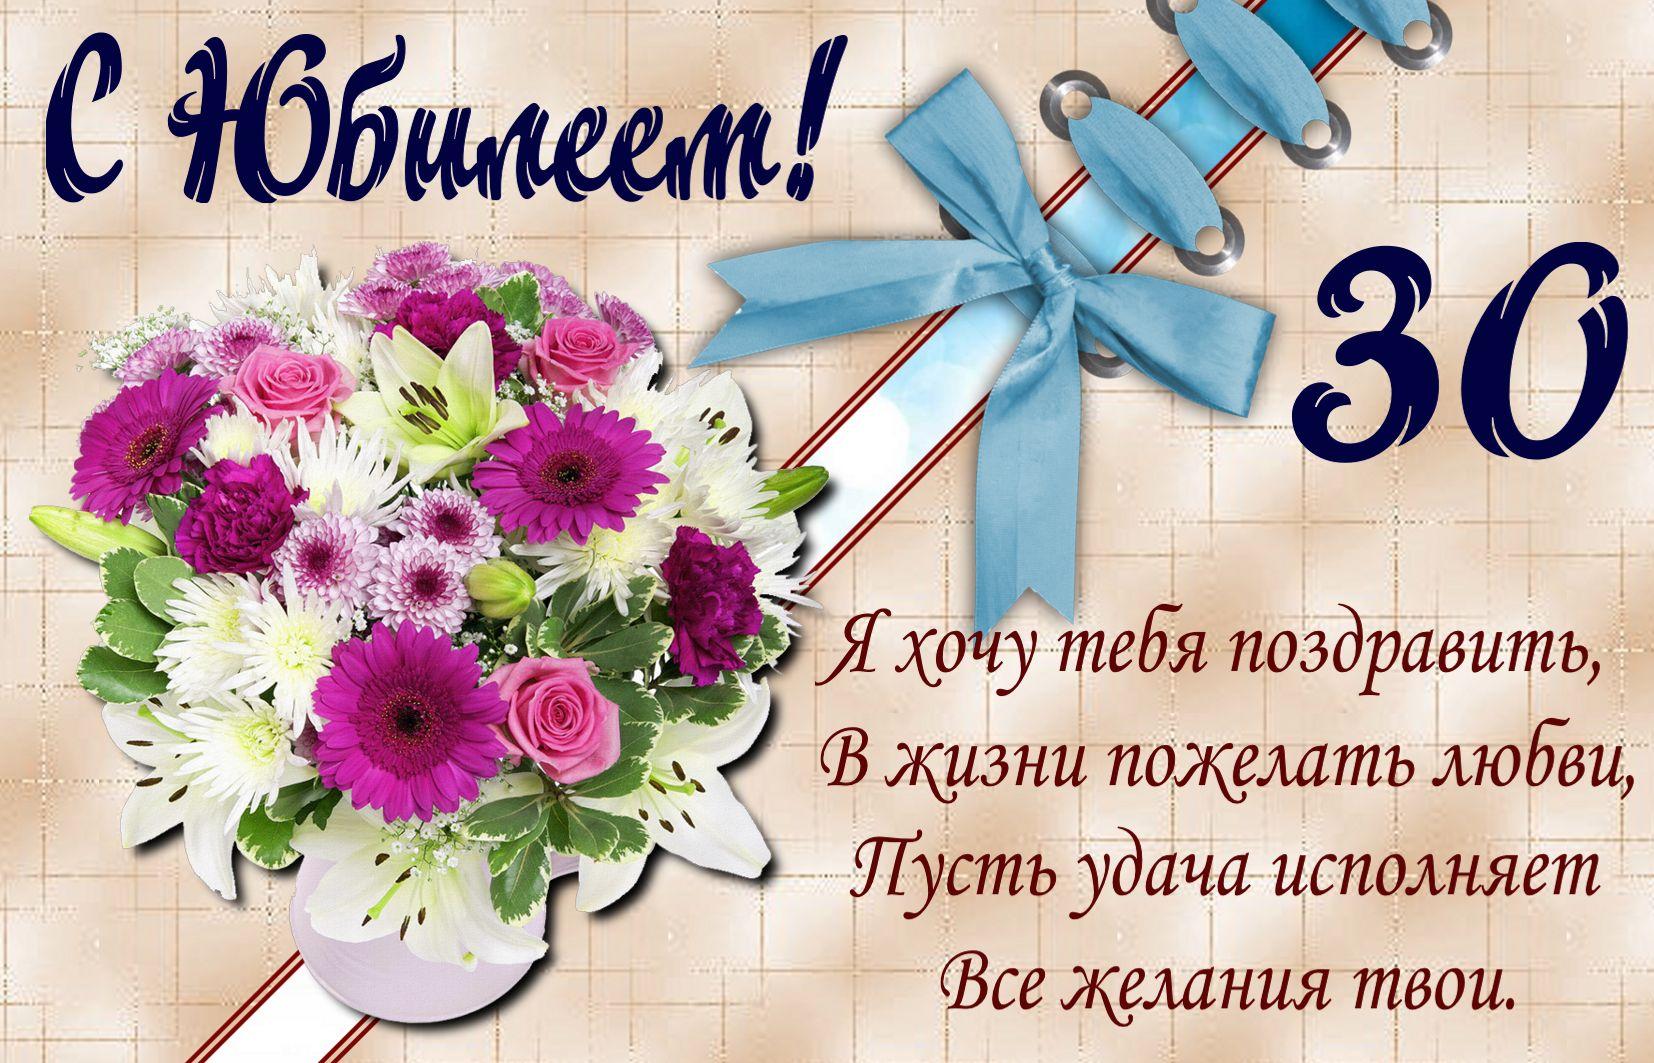 Открытка на юбилей 30 лет - голубая ленточка и цветы в вазе